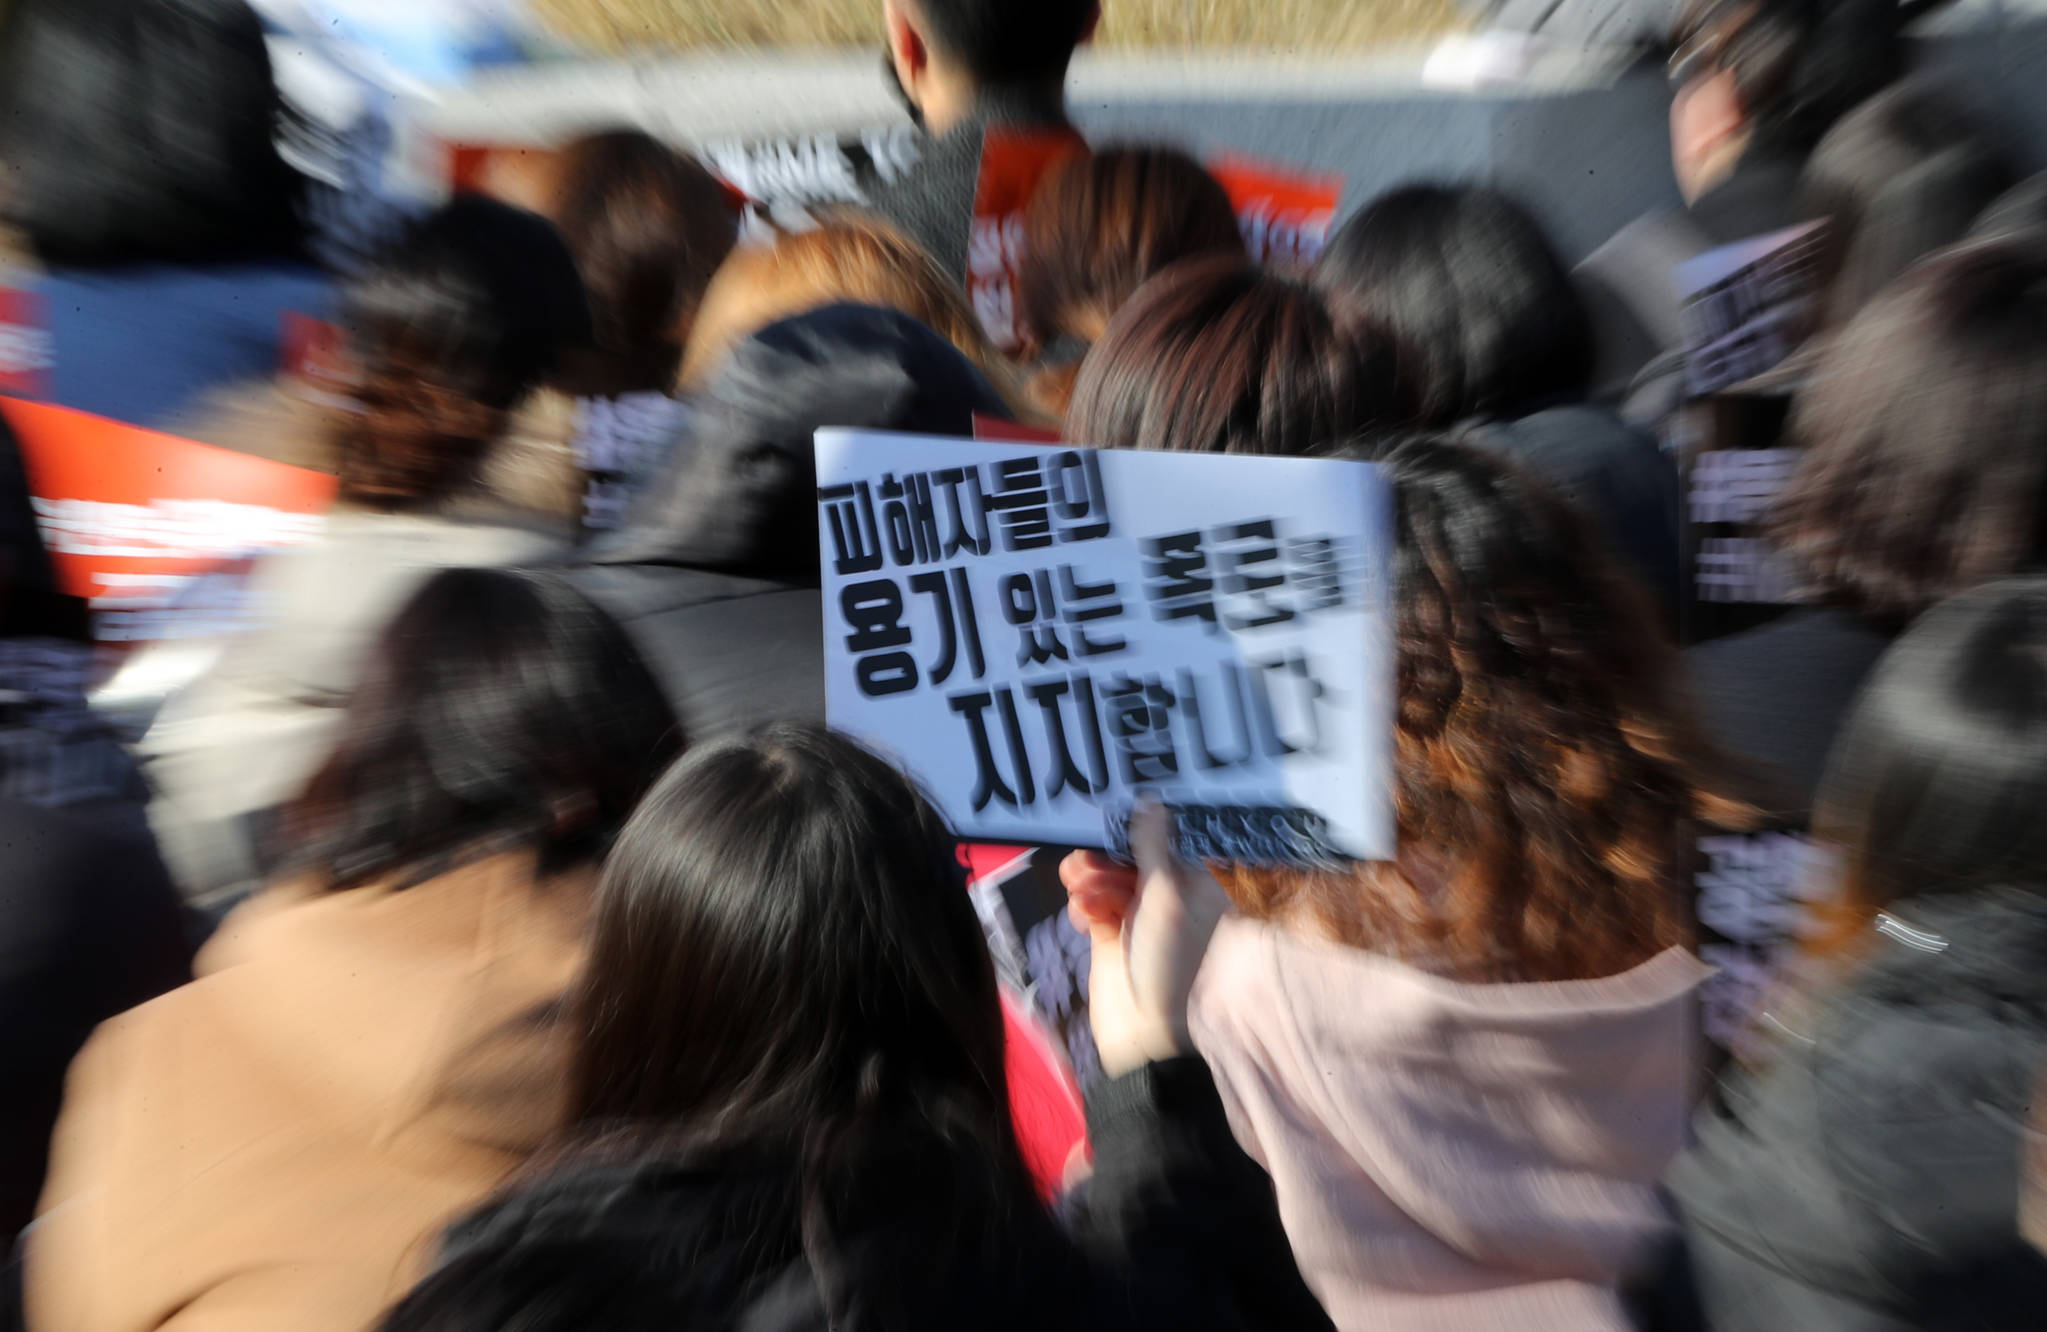 문화예술계 미투 운동을 지지하는 일반 관객들의 위드유(with you) 집회가 25일 서울 종로구 혜화동 마로니에 공원에서 열렸다. 이날 참가자들이 시위를 하고 있다. [중앙포토]